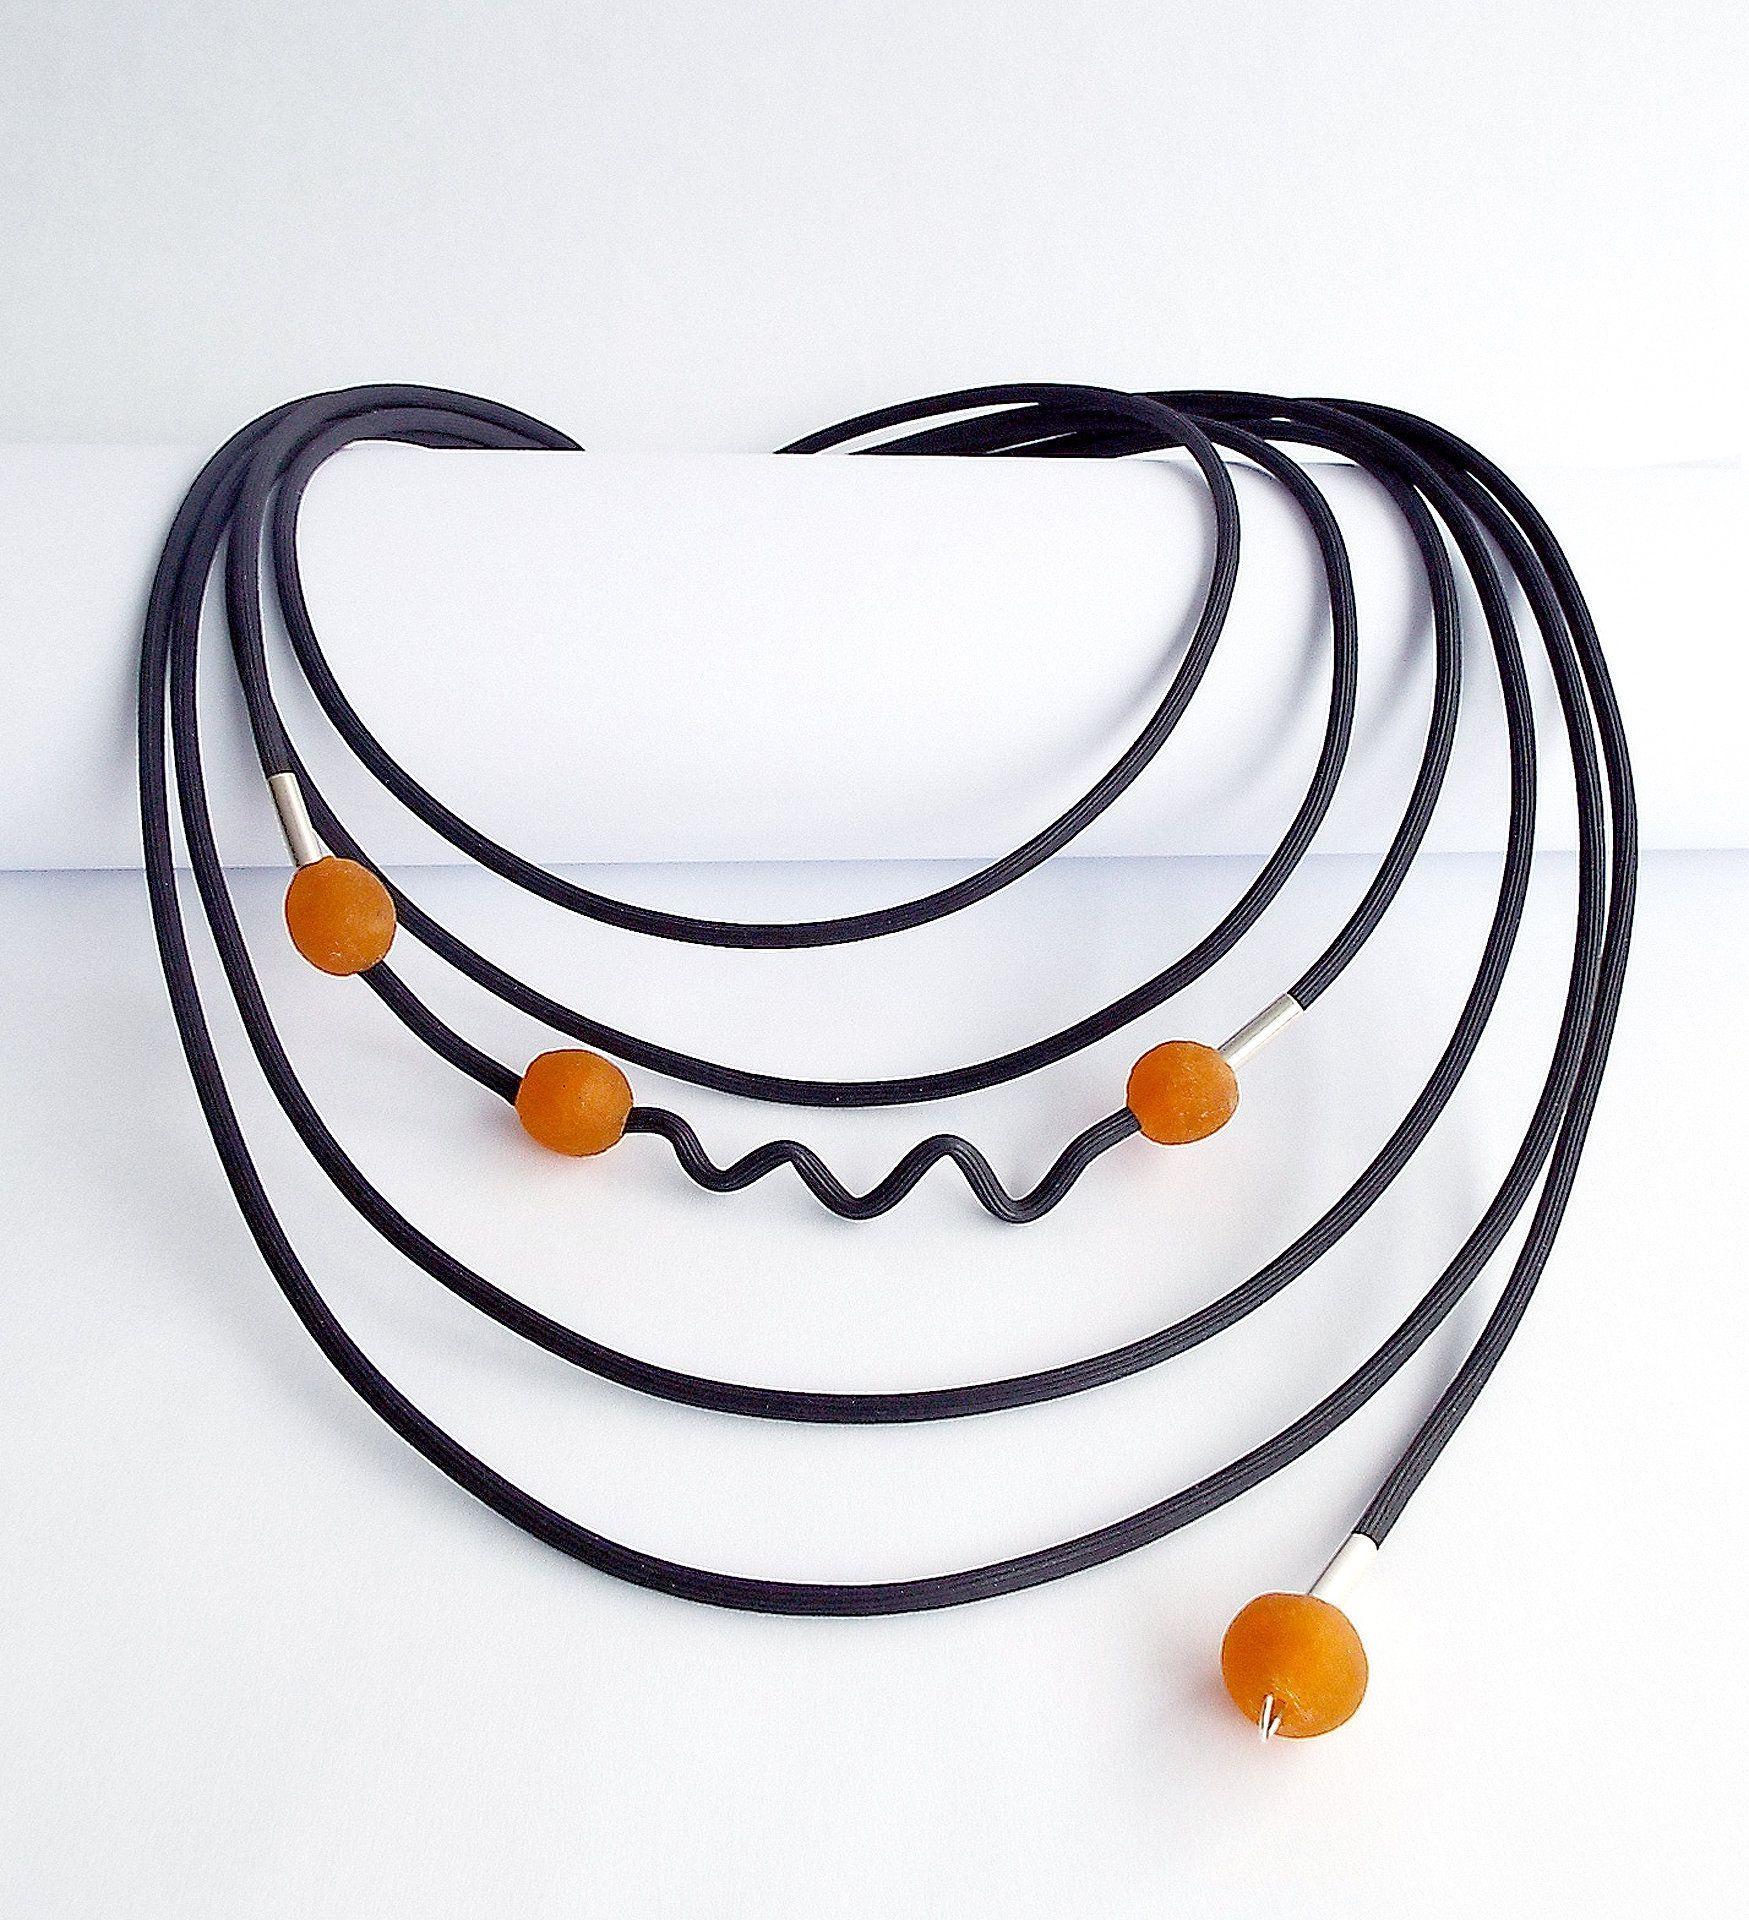 Splash of Color Jewelry by Dagmara Costello (Rubber & Stone Jewelry)   Artful Home -  Splash of Color Jewelry by Dagmara Costello (Rubber & Stone Jewelry)   Artful Home  - #Artful #cartierJewelry #color #Costello #costumeJewelry #Dagmara #Home #Jewelry #Jewelryadvertising #Jewelrybisuteria #Jewelrycleaner #Jewelryeditorial #Jewelryillustration #Jewelrymodel #Jewelryorganization #Jewelrysketch #Jewelrystand #leatherJewelry #mensJewelry #Rubber #Splash #Stone #stoneJewelry #wireJewelry